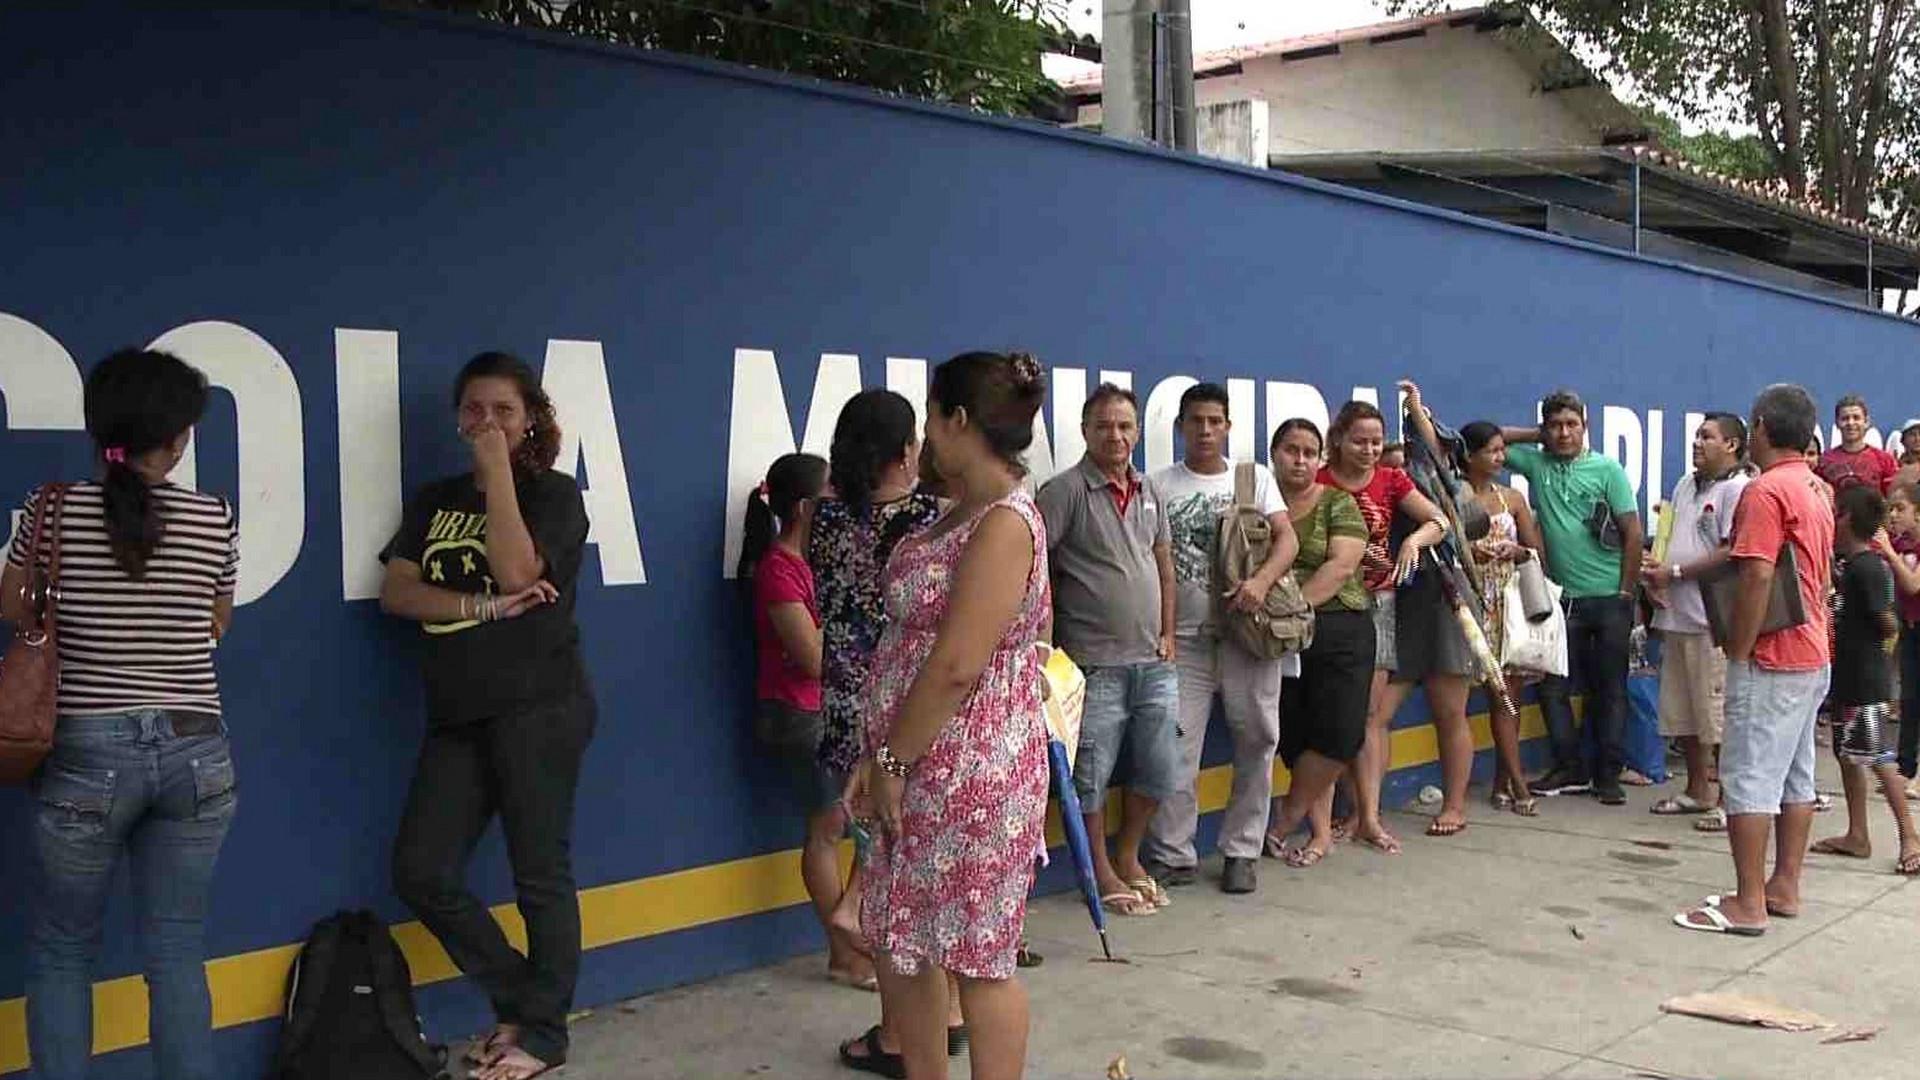 MATRÍCULA PARA ALUNOS DA REDE PÚBLICA COMEÇA SEGUNDA-FEIRA - Manhã No Ar - 15/12/17